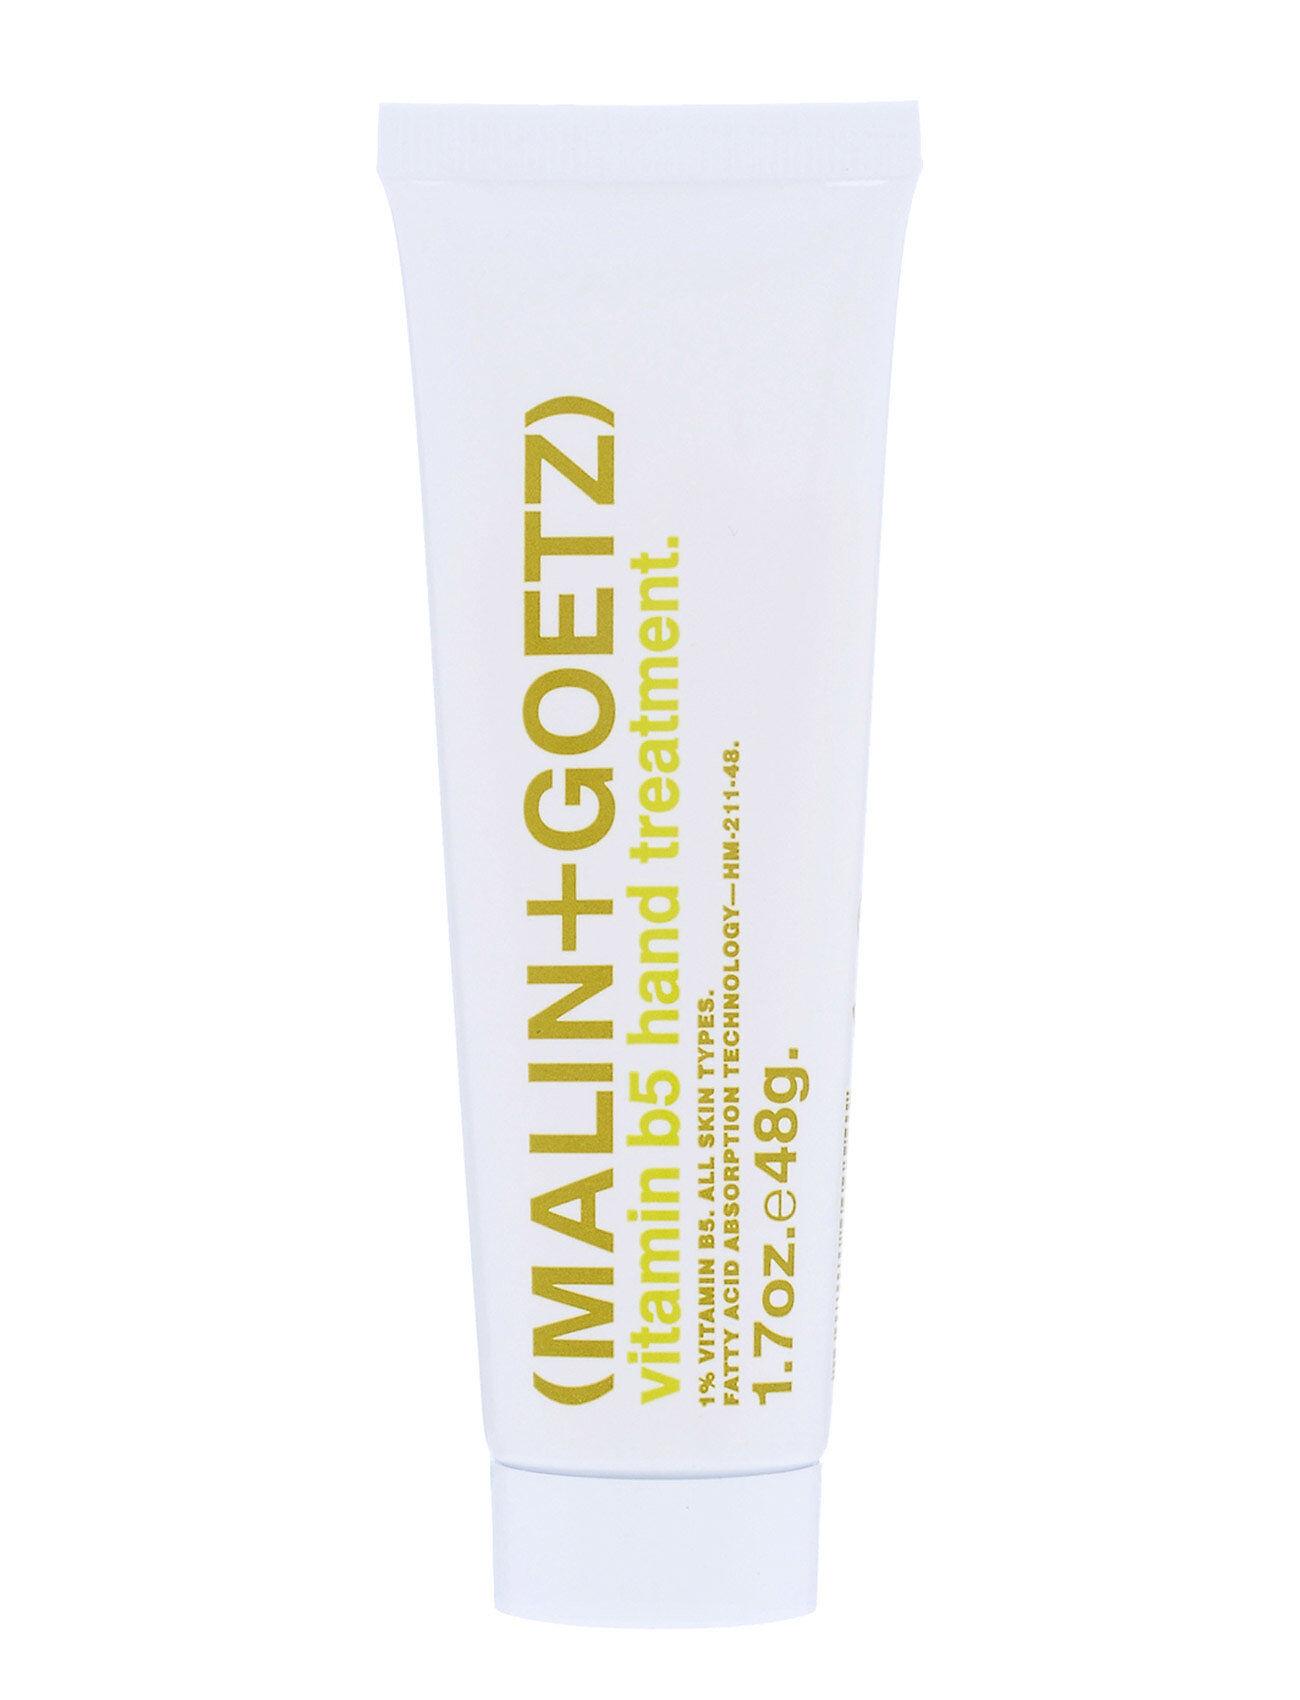 MALIN+GOETZ Vitamin B5 Hand Treatment Kosteusvoide Vartalo Nude MALIN+GOETZ